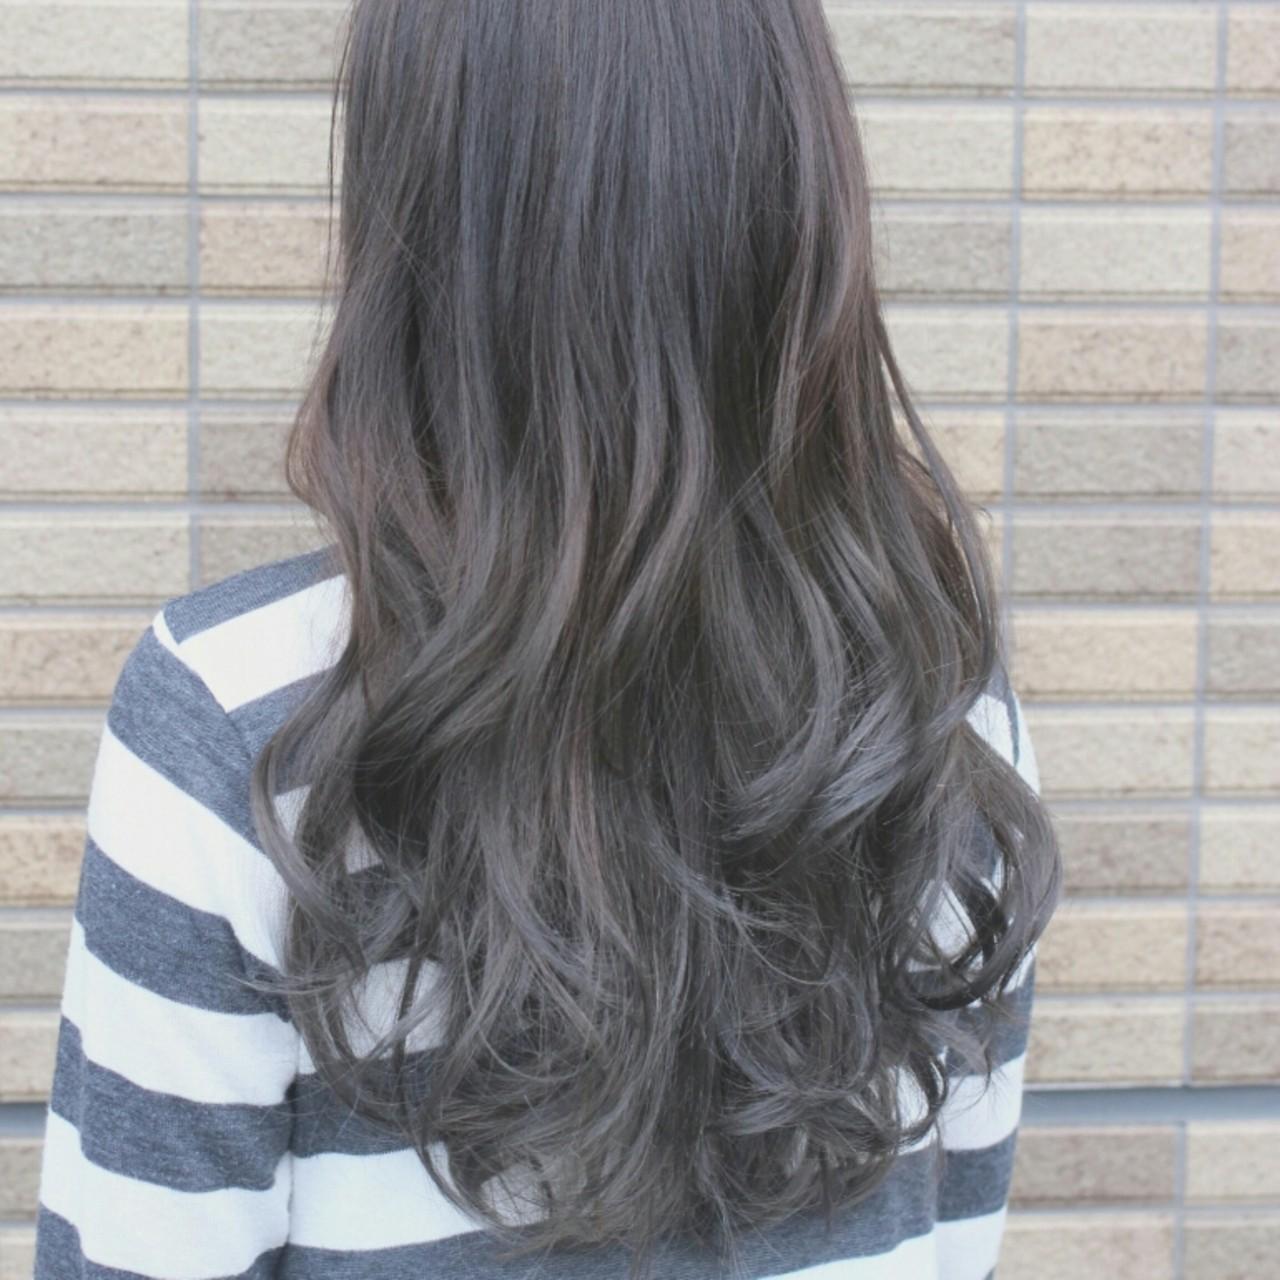 暗髪 グラデーションカラー 渋谷系 ロング ヘアスタイルや髪型の写真・画像